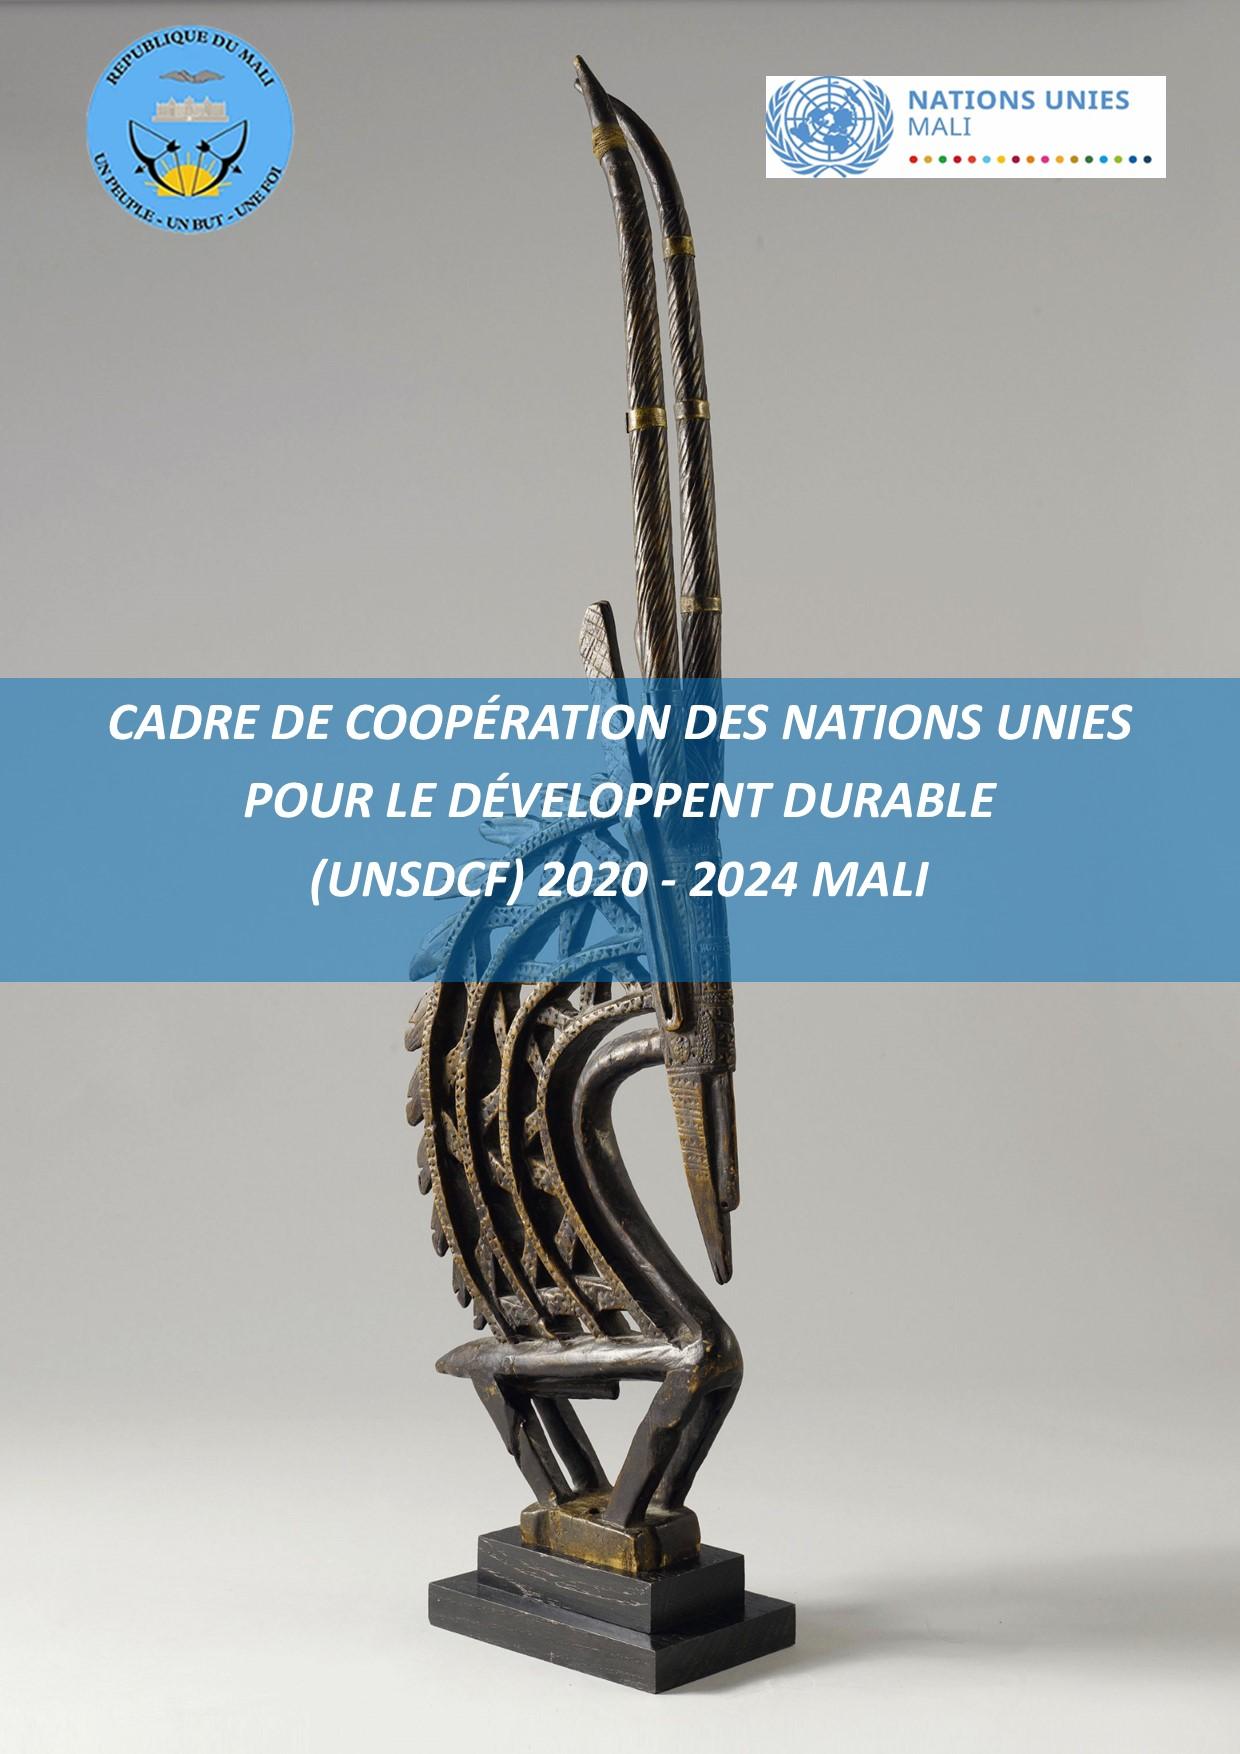 CADRE DE COOPÉRATION DES NATIONS UNIES  POUR LE DÉVELOPPENT DURABLE  (UNSDCF) 2020 - 2024 MALI